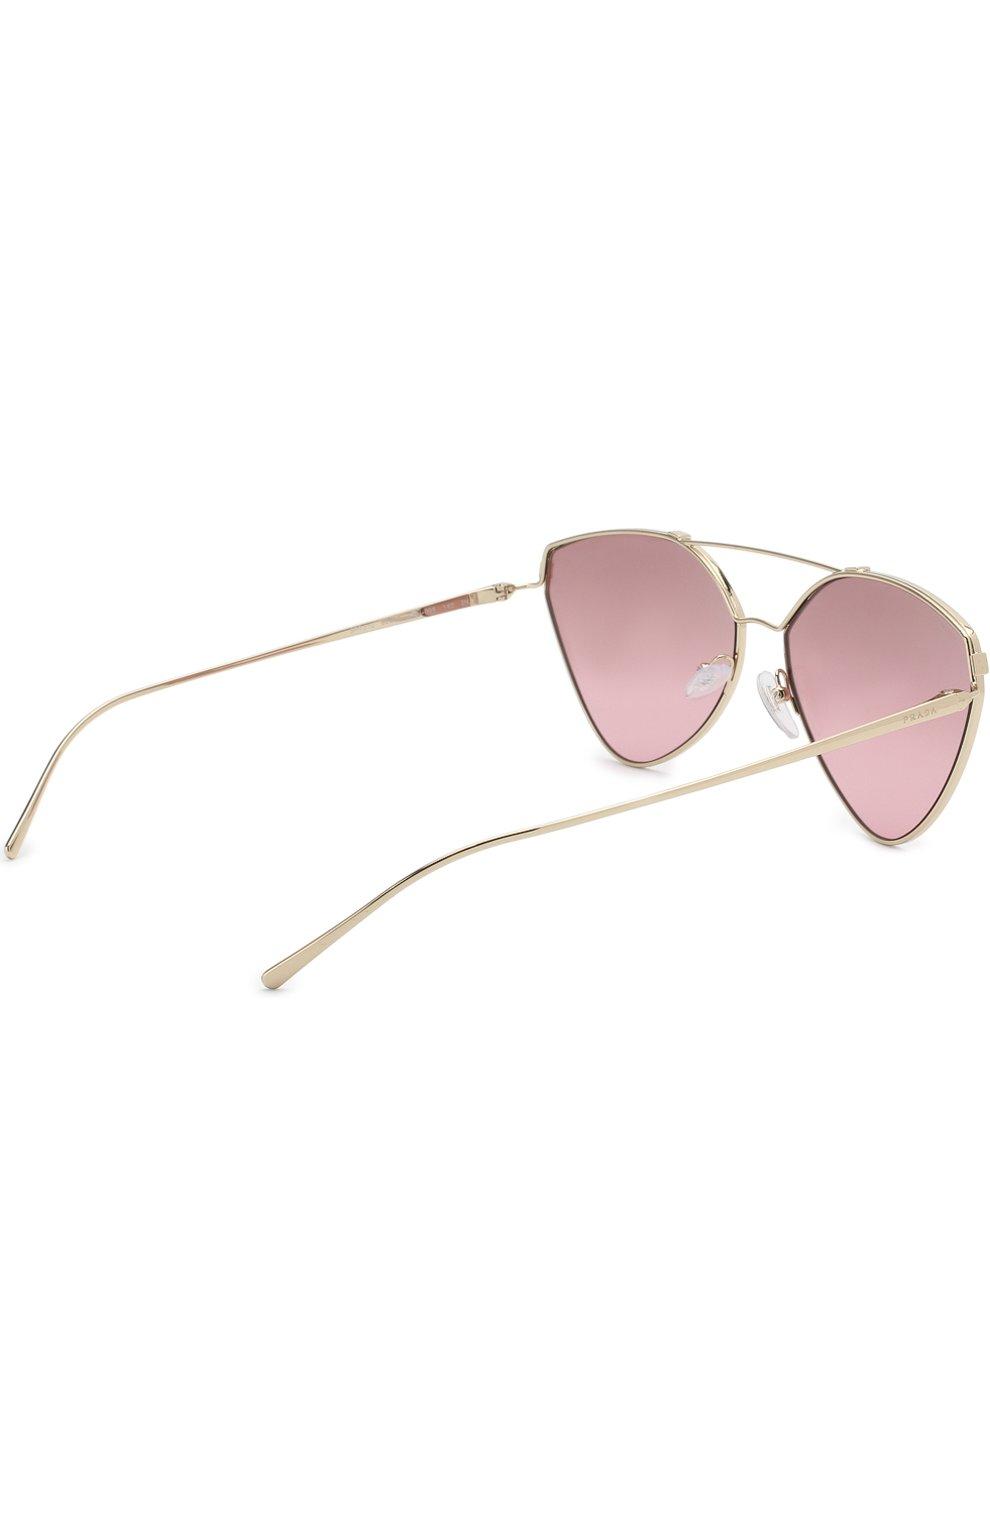 Солнцезащитные очки Prada золотые | Фото №4